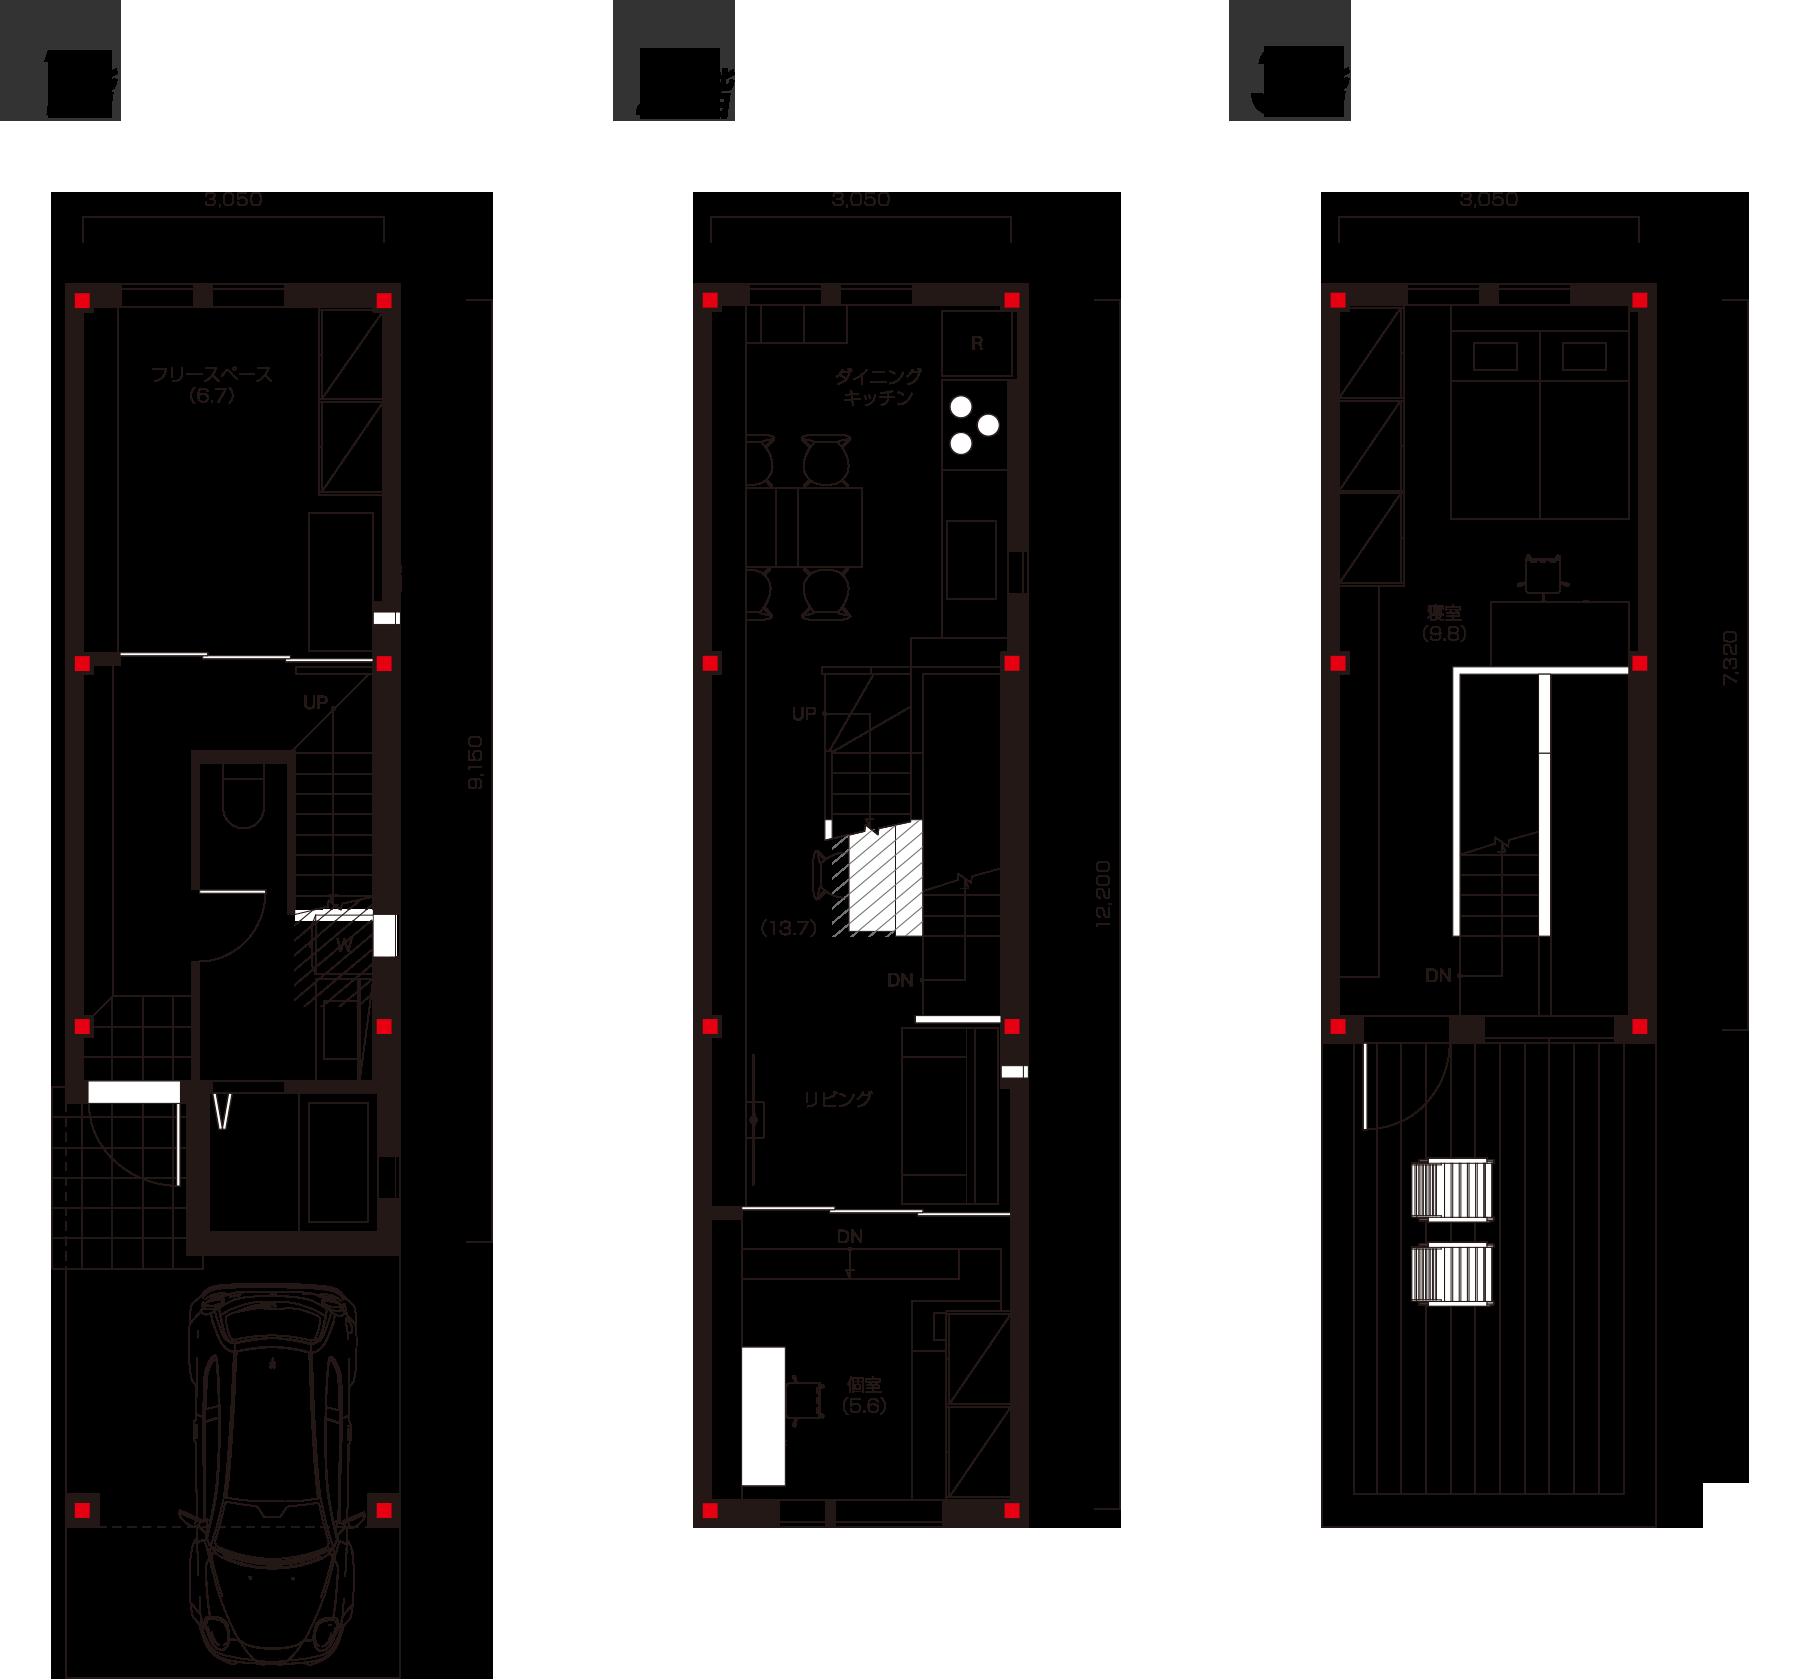 タウンコンポ 狭小住宅3階建て ヘーベルハウス 狭小住宅 狭小